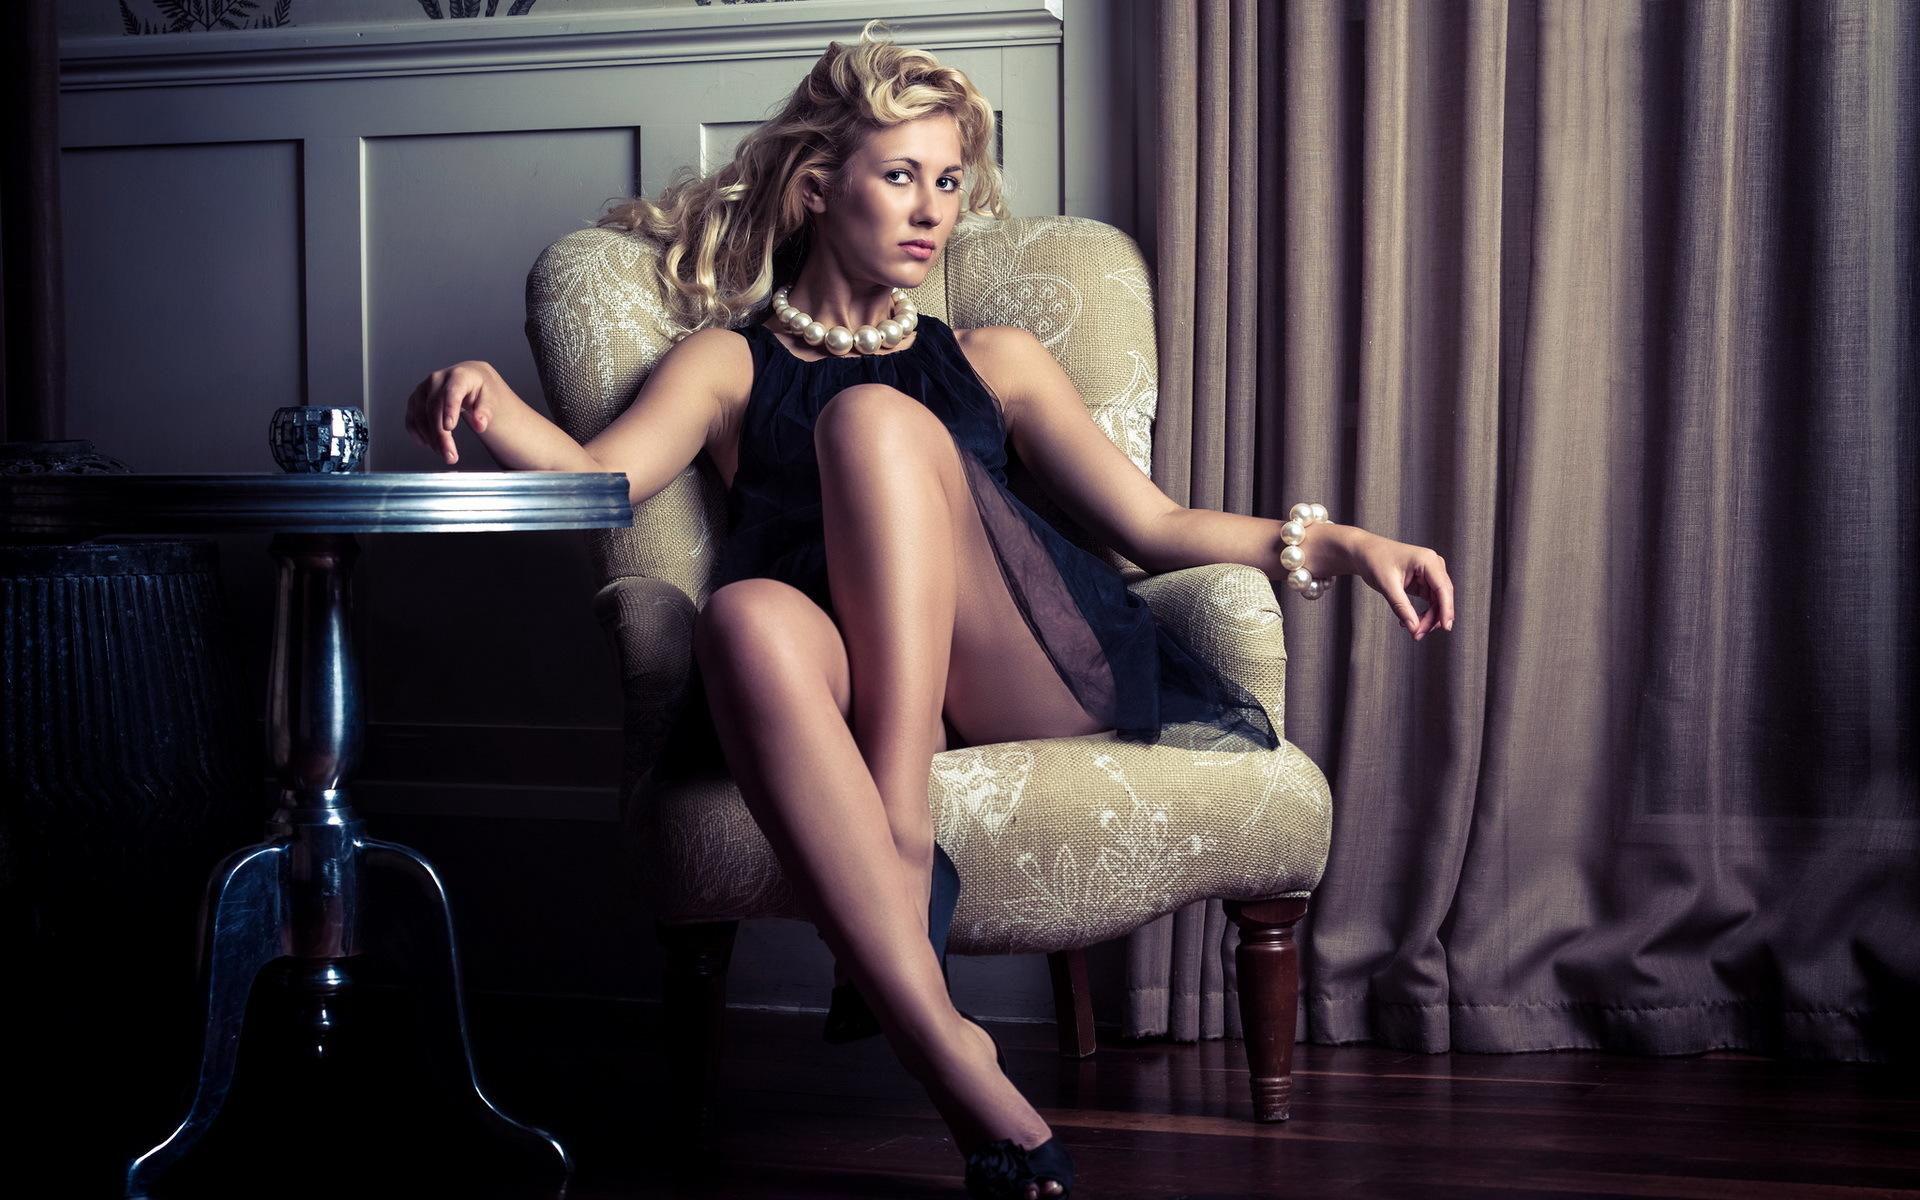 данному фото на женском кресле транс